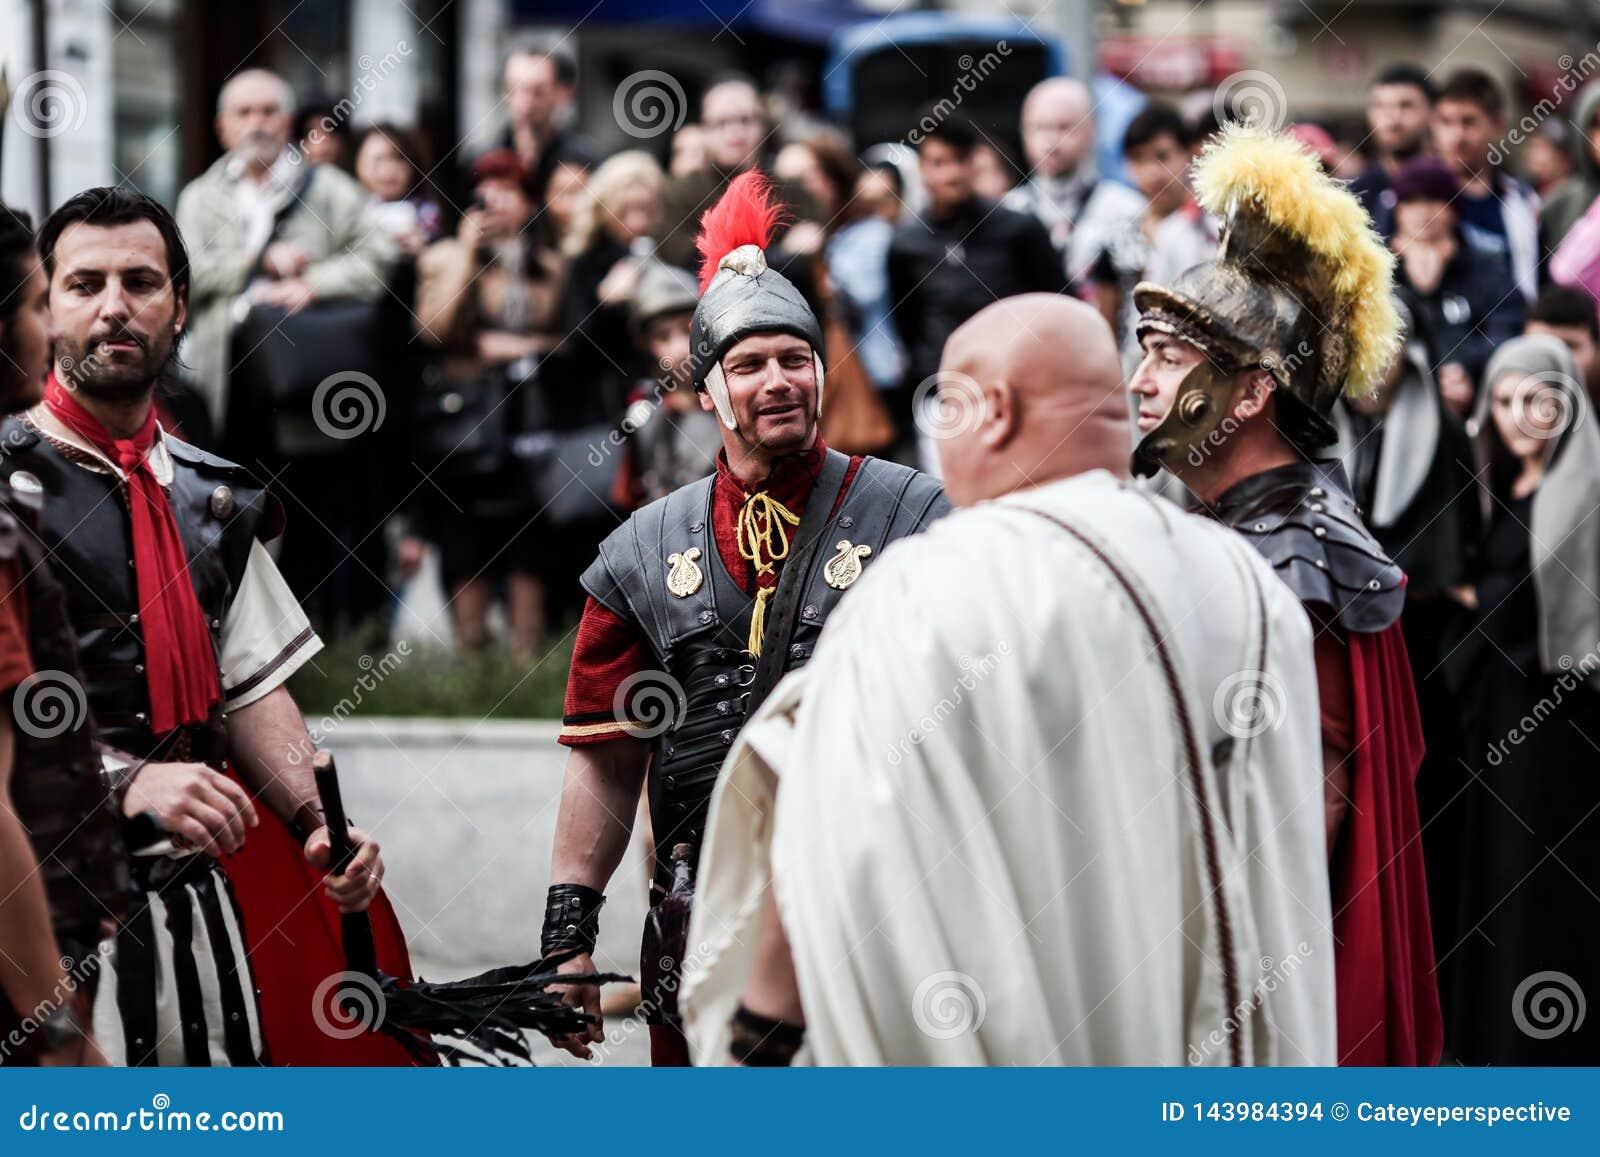 Dramatisation por atores da paixão de Cristo - drama, tortura e crucificação de Jesus Christ pelos romanos